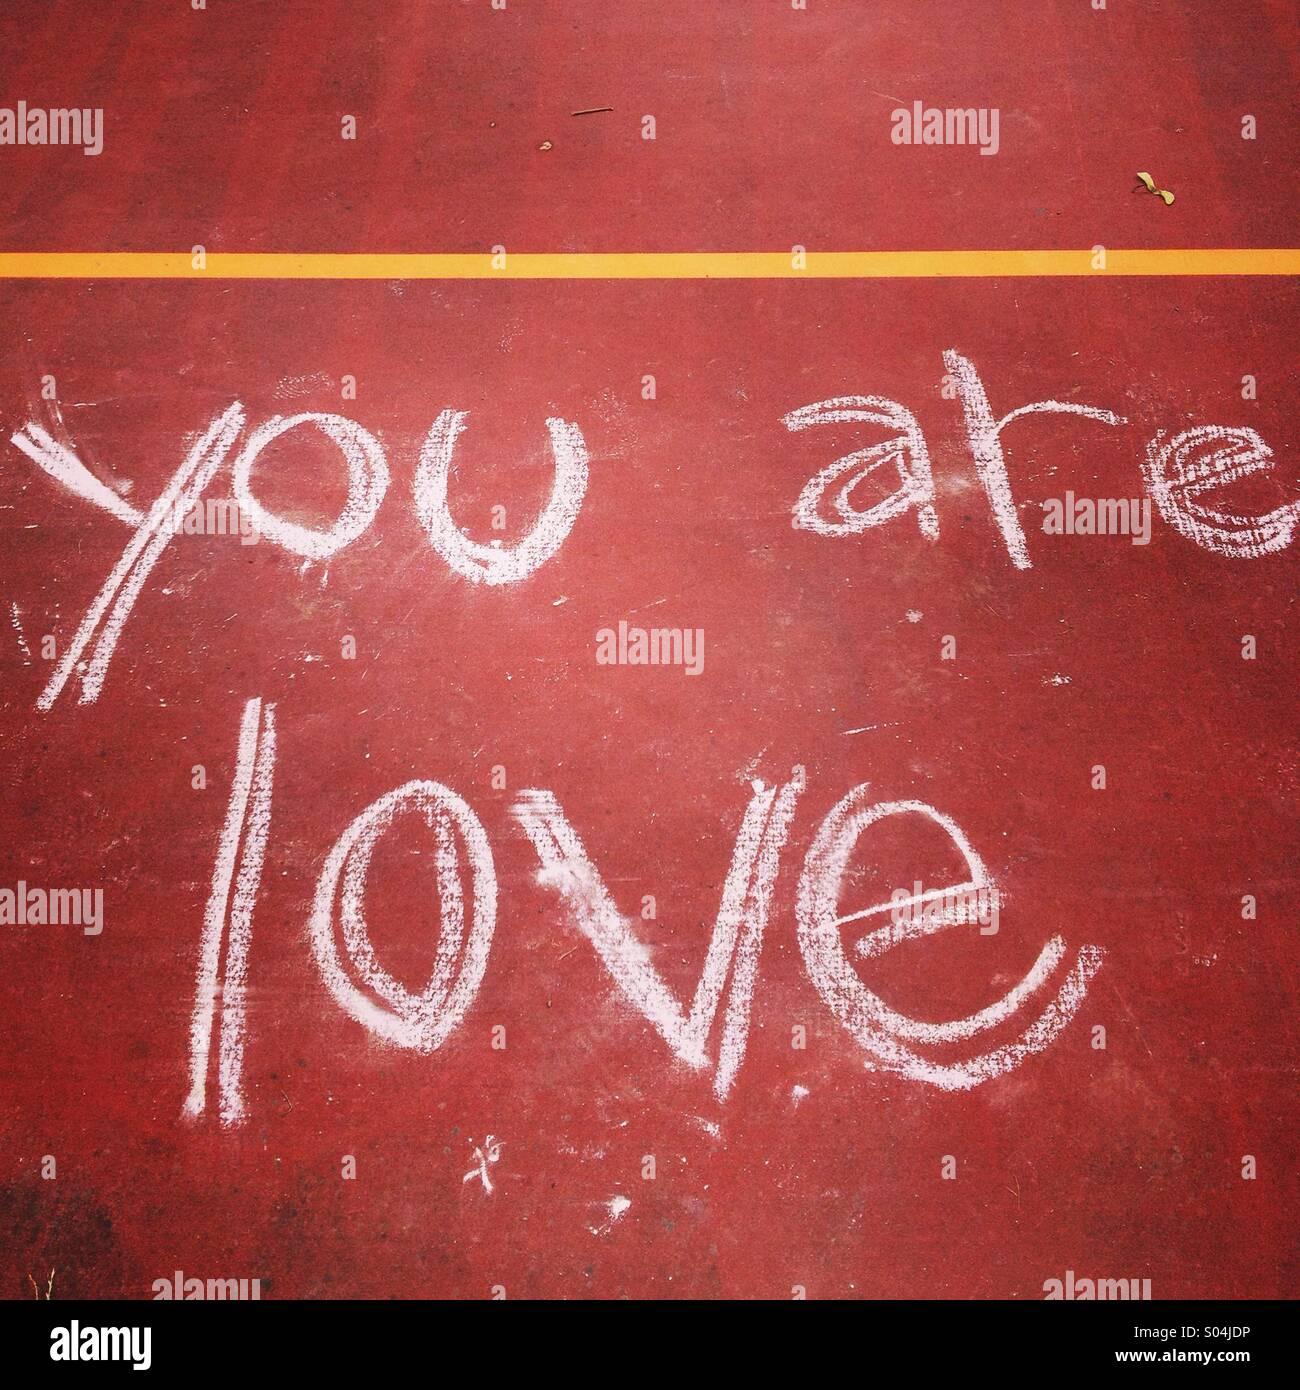 Eres amor Imagen De Stock